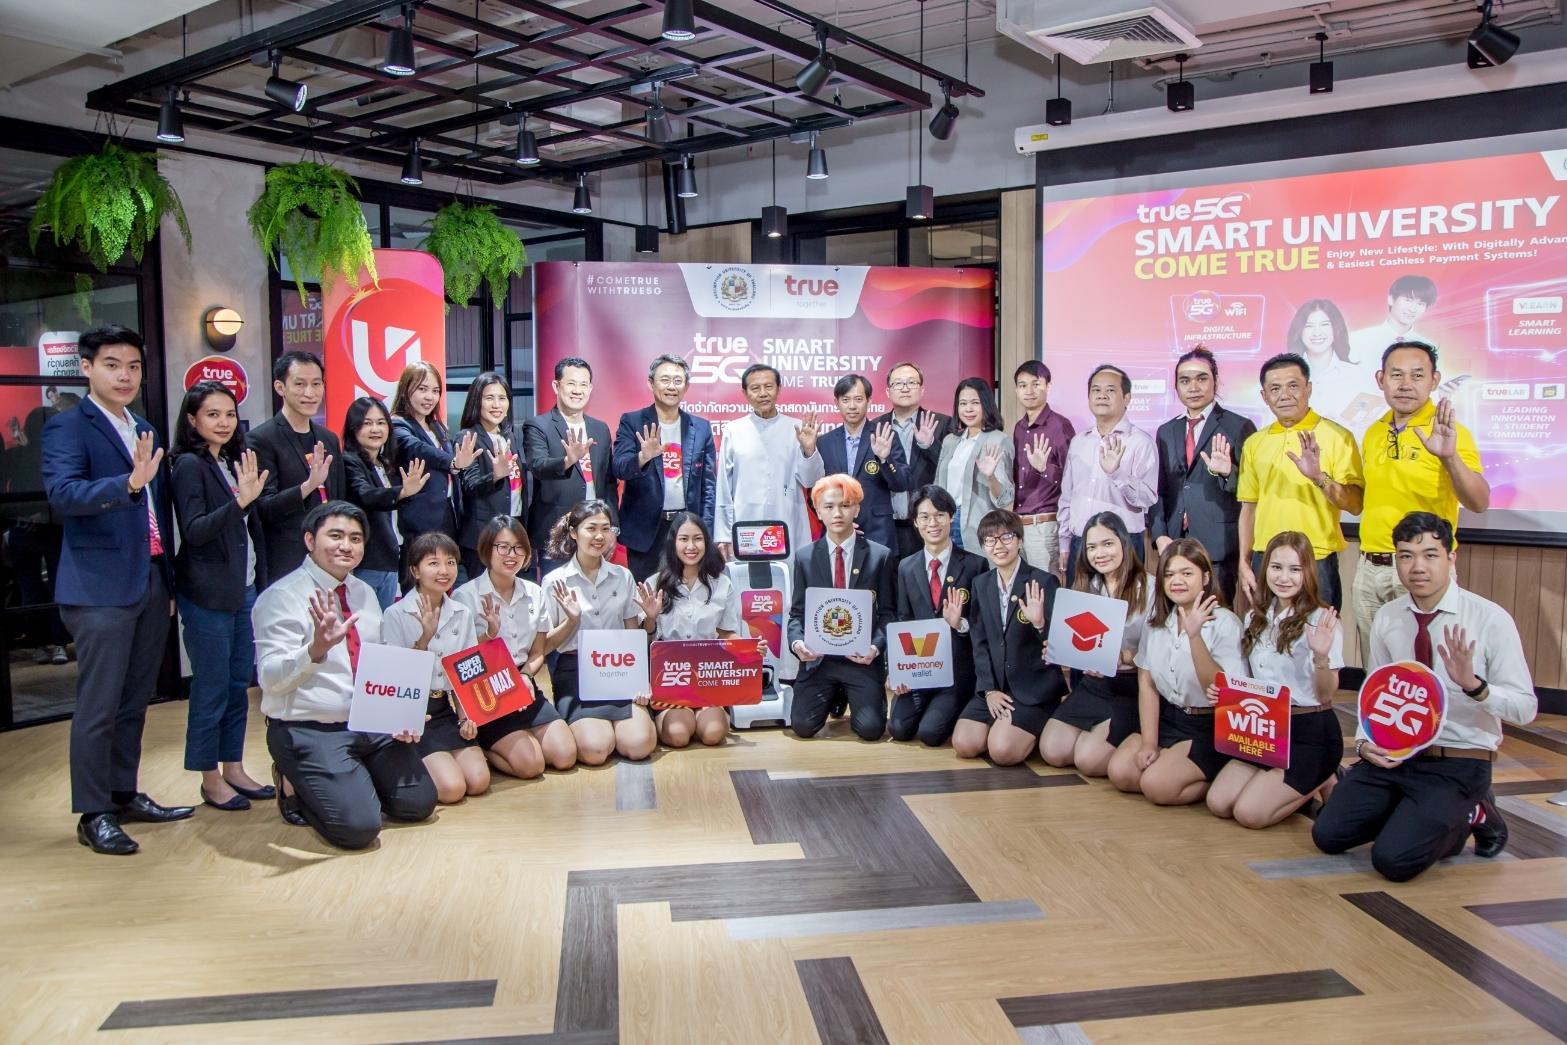 สมาร์ท ยูนิเวอร์ซิตี้ สมบูรณ์แบบครั้งแรกของไทย ....กลุ่มทรู ผนึก ABAC หนุนนักศึกษาสู่ชีวิตยุคดิจิทัลเต็มรูปแบบ